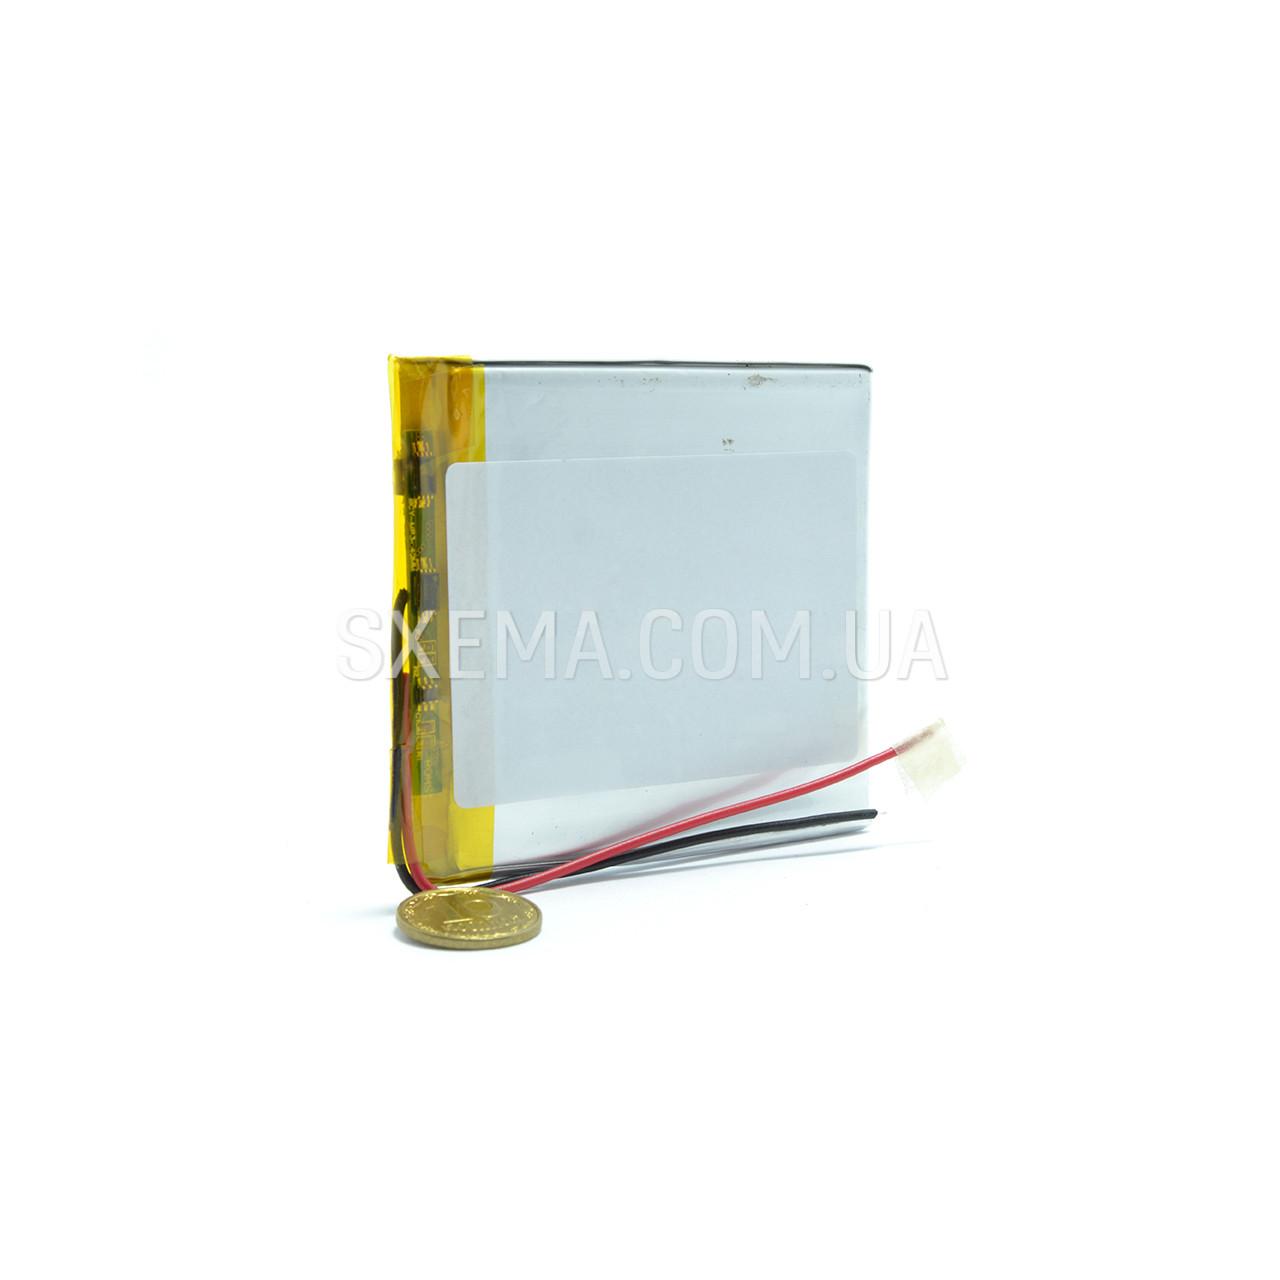 Аккумулятор универсальный 306070   (Li-ion 3.7В 2300мА·ч), (70*60*3 мм)